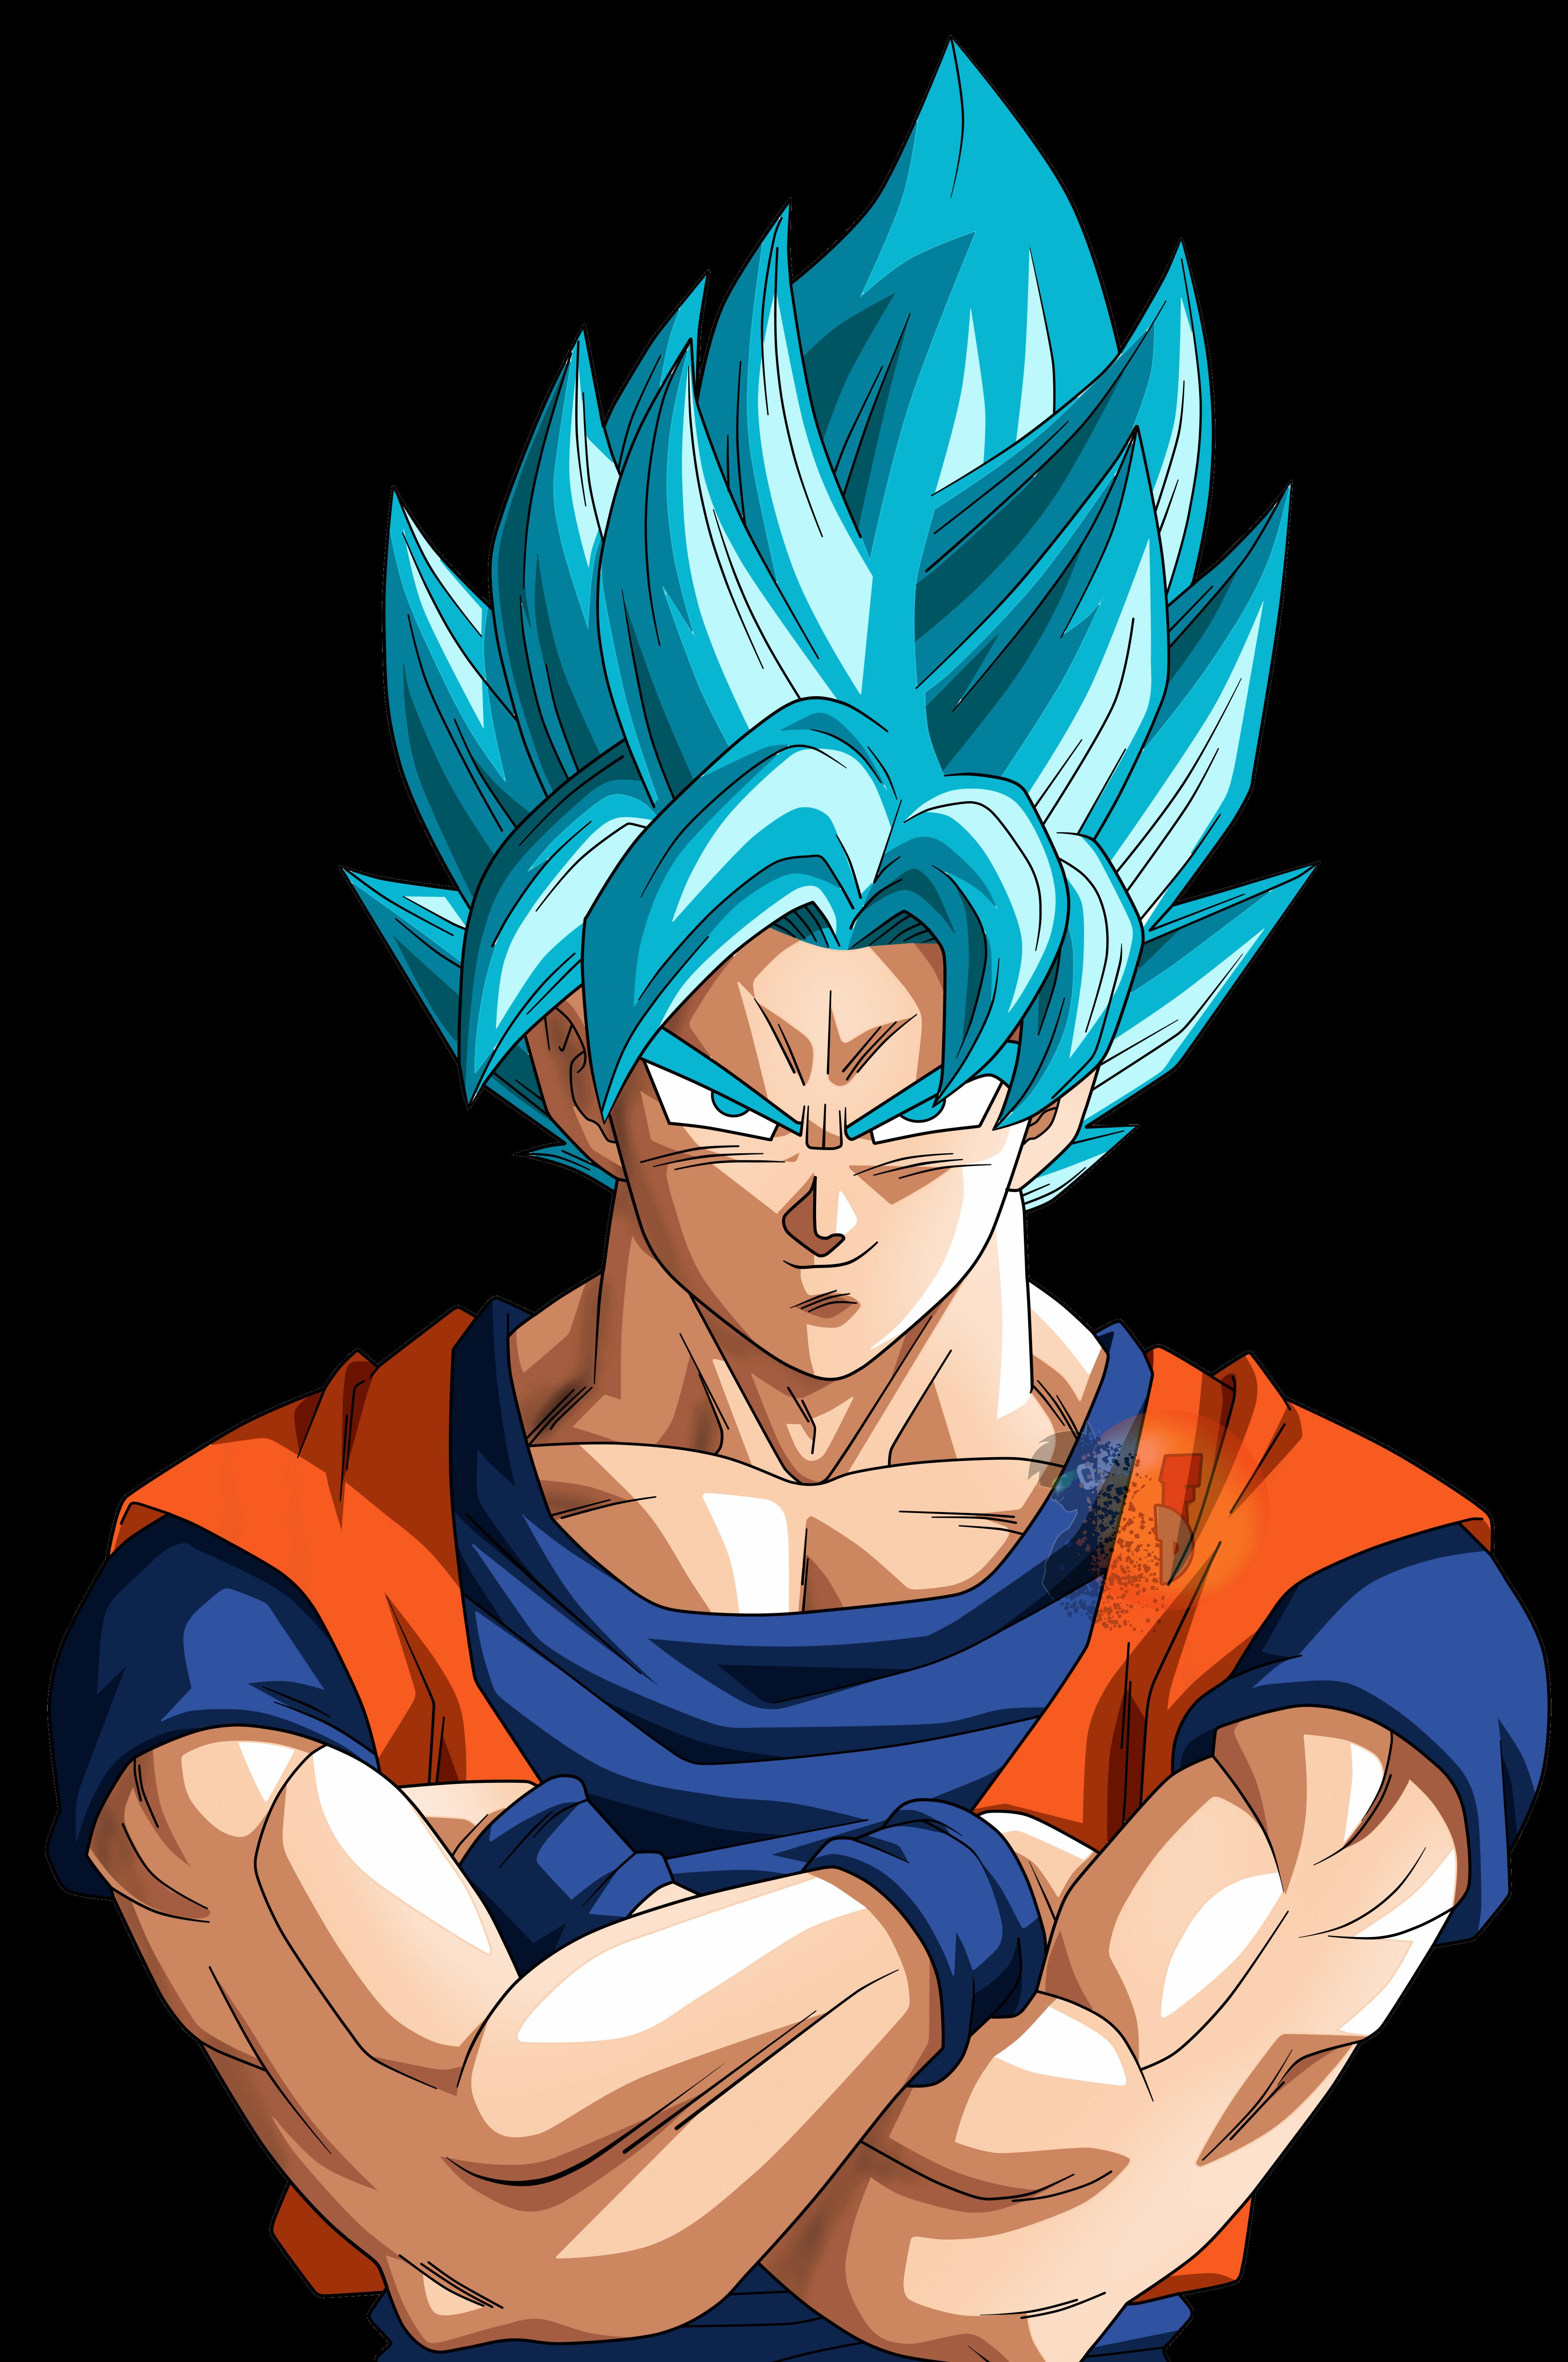 Goku Ssjblue 9 Facudibuja By Facudibuja Davey0b Png 3856 5808 Anime Dragon Ball Goku Anime Dragon Ball Super Dragon Ball Super Manga